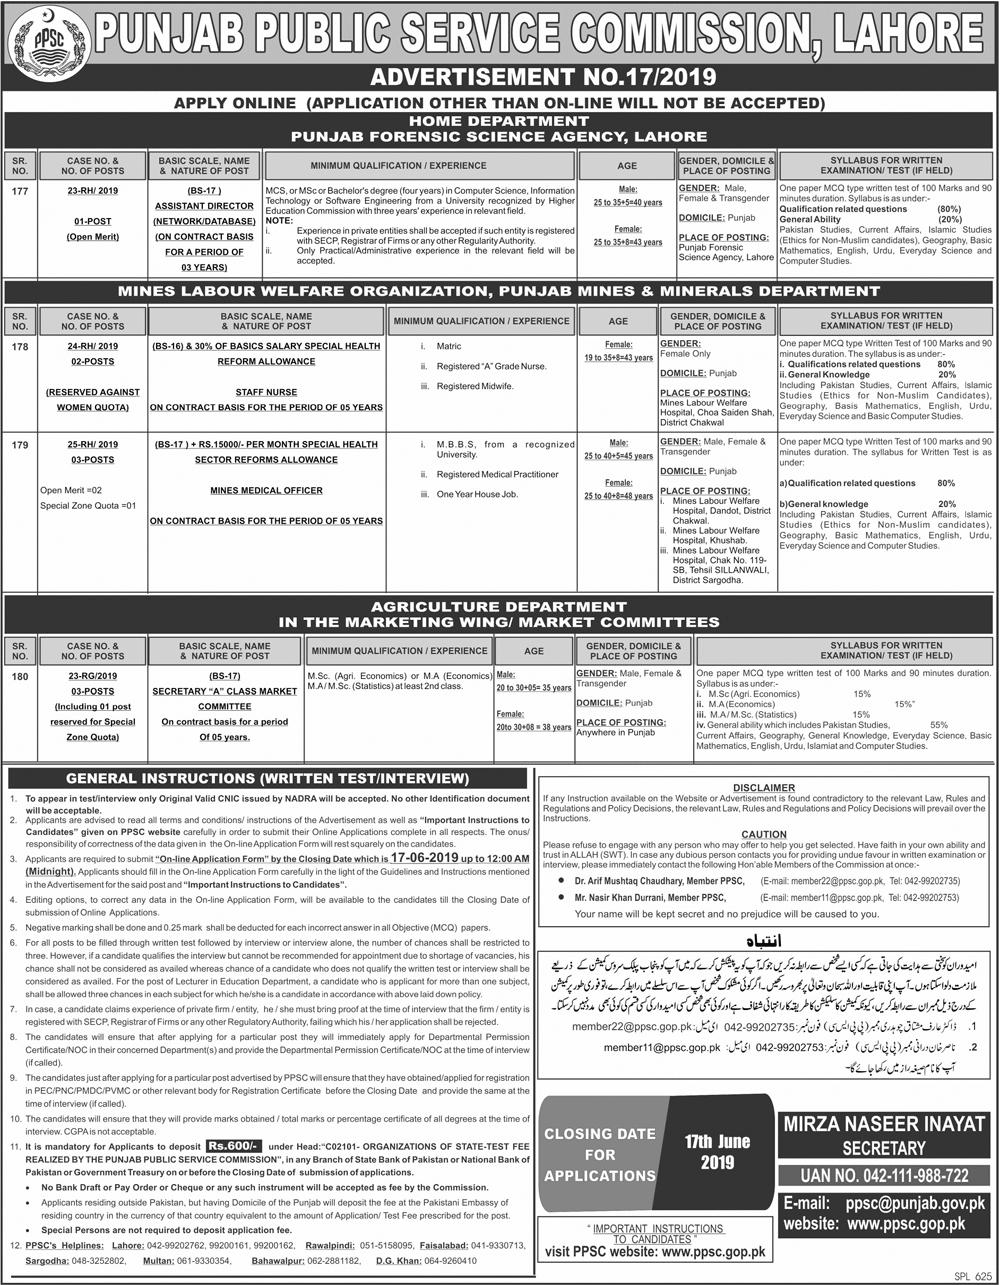 PPSC Jobs June 2019, Advertisement No 17